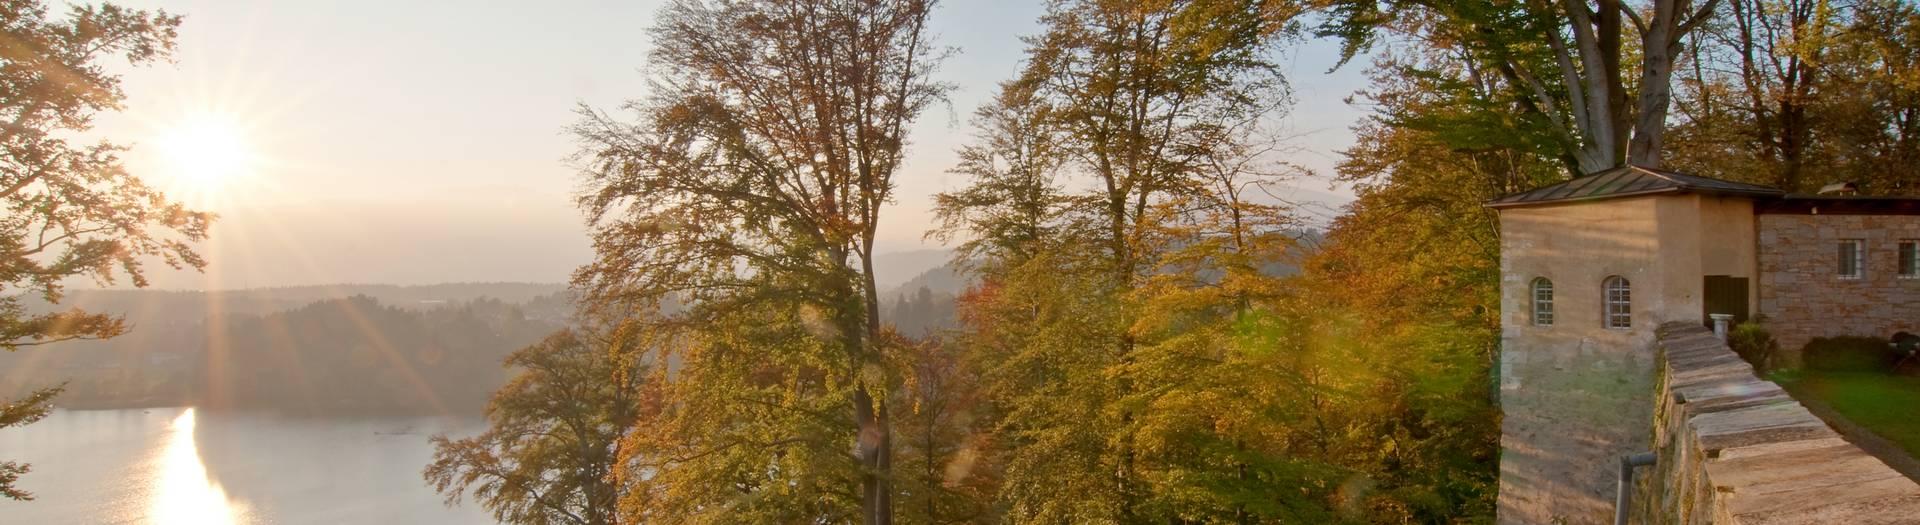 Kloster Wernberg in der Region Villach